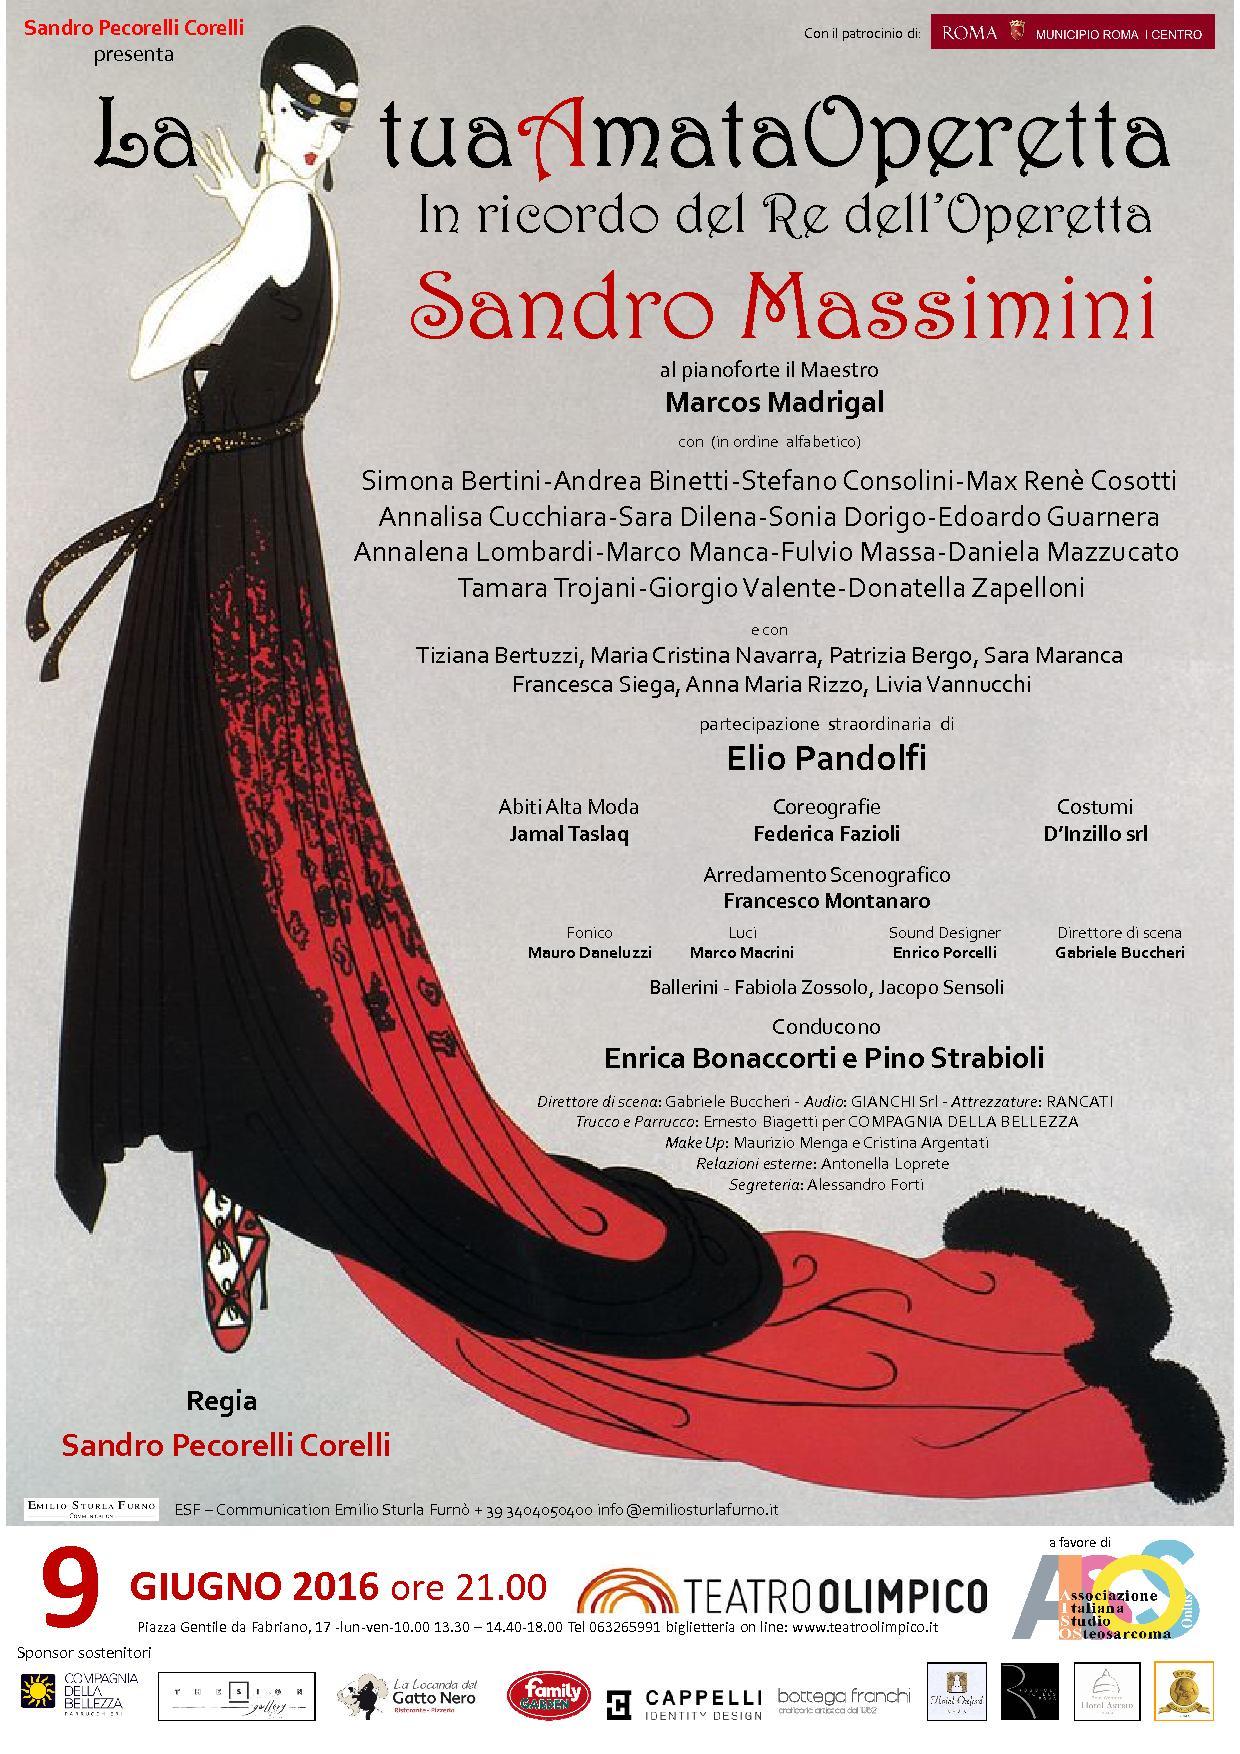 """""""La Tua amata Operetta"""" - Tributo a Sandro Massimini - 9 Giugno 2016 - ore 21 - Teatro Olimpico - Piazza Gentile da Fabriano 17 - Roma"""